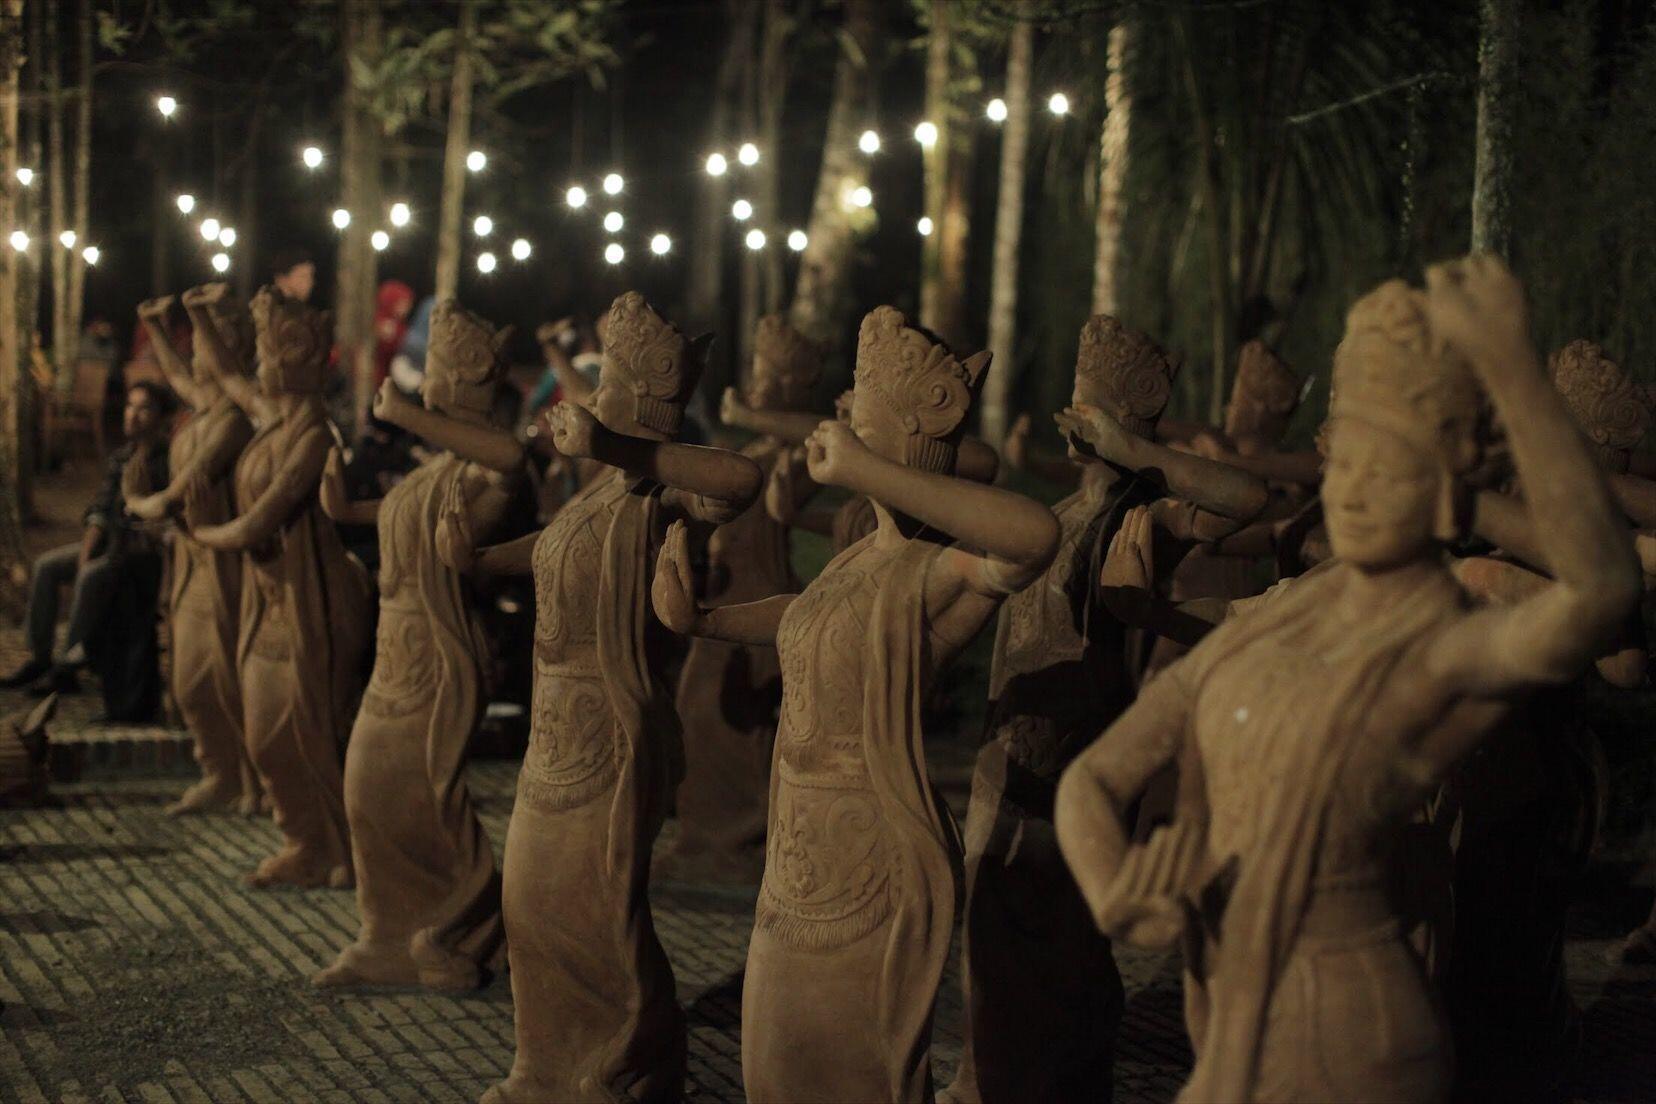 Ratusan Patung Di Tengah Sawah Ini 6 Fakta Terracotta Dancers Kaskus